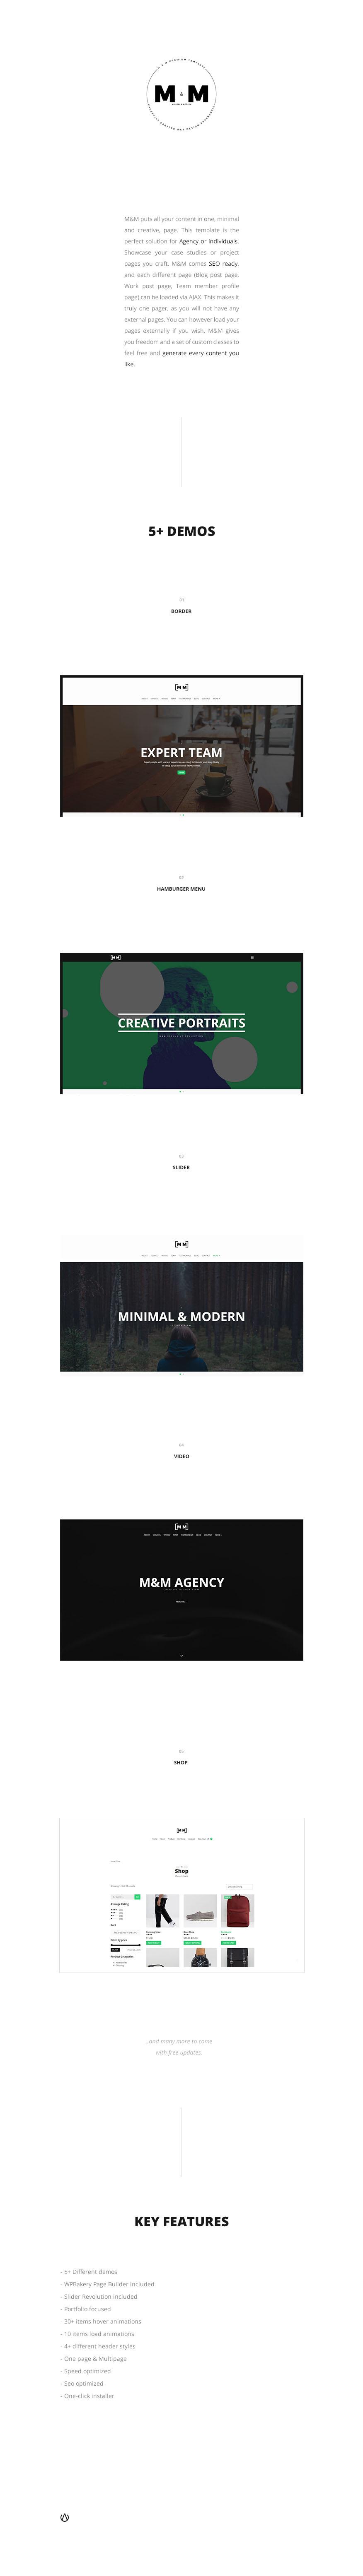 M&M -- Minimal & Creative Responsive Portfolio - 1